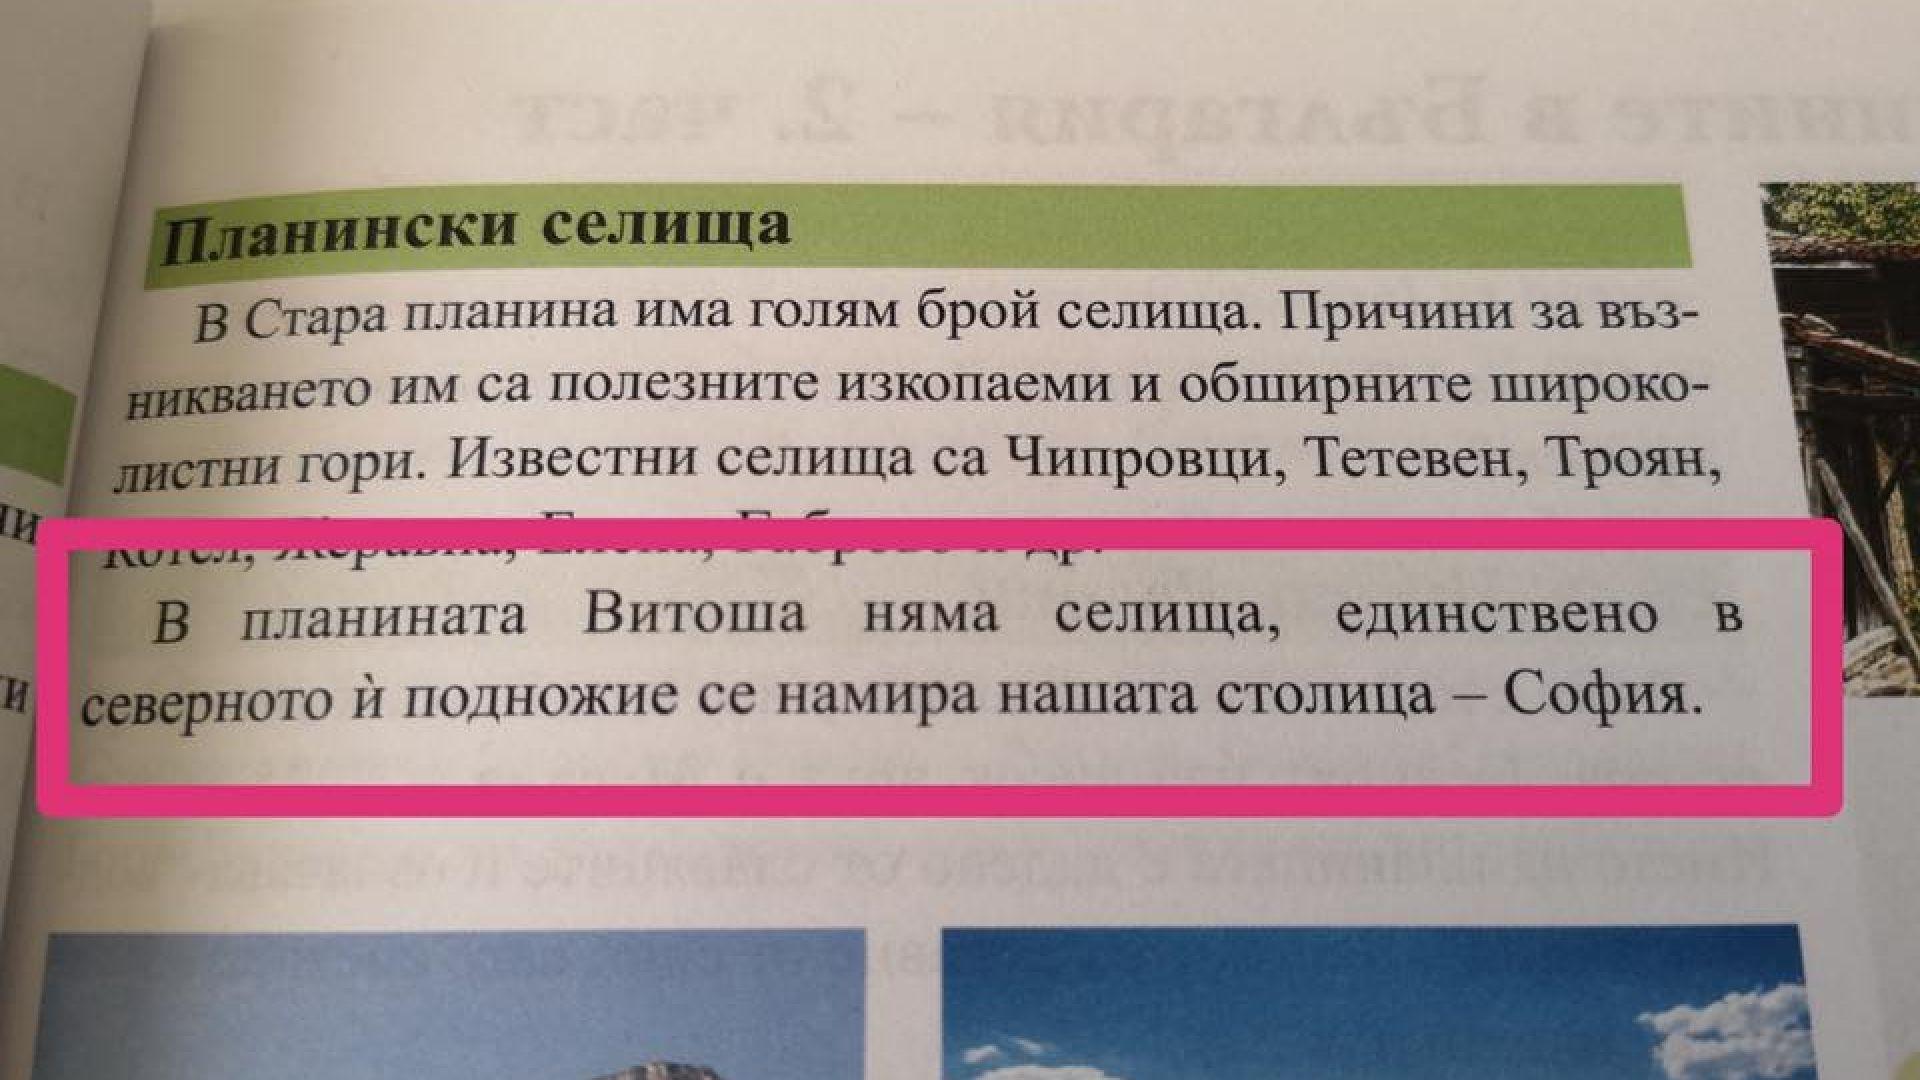 Учебник за трети клас отписа витошки села